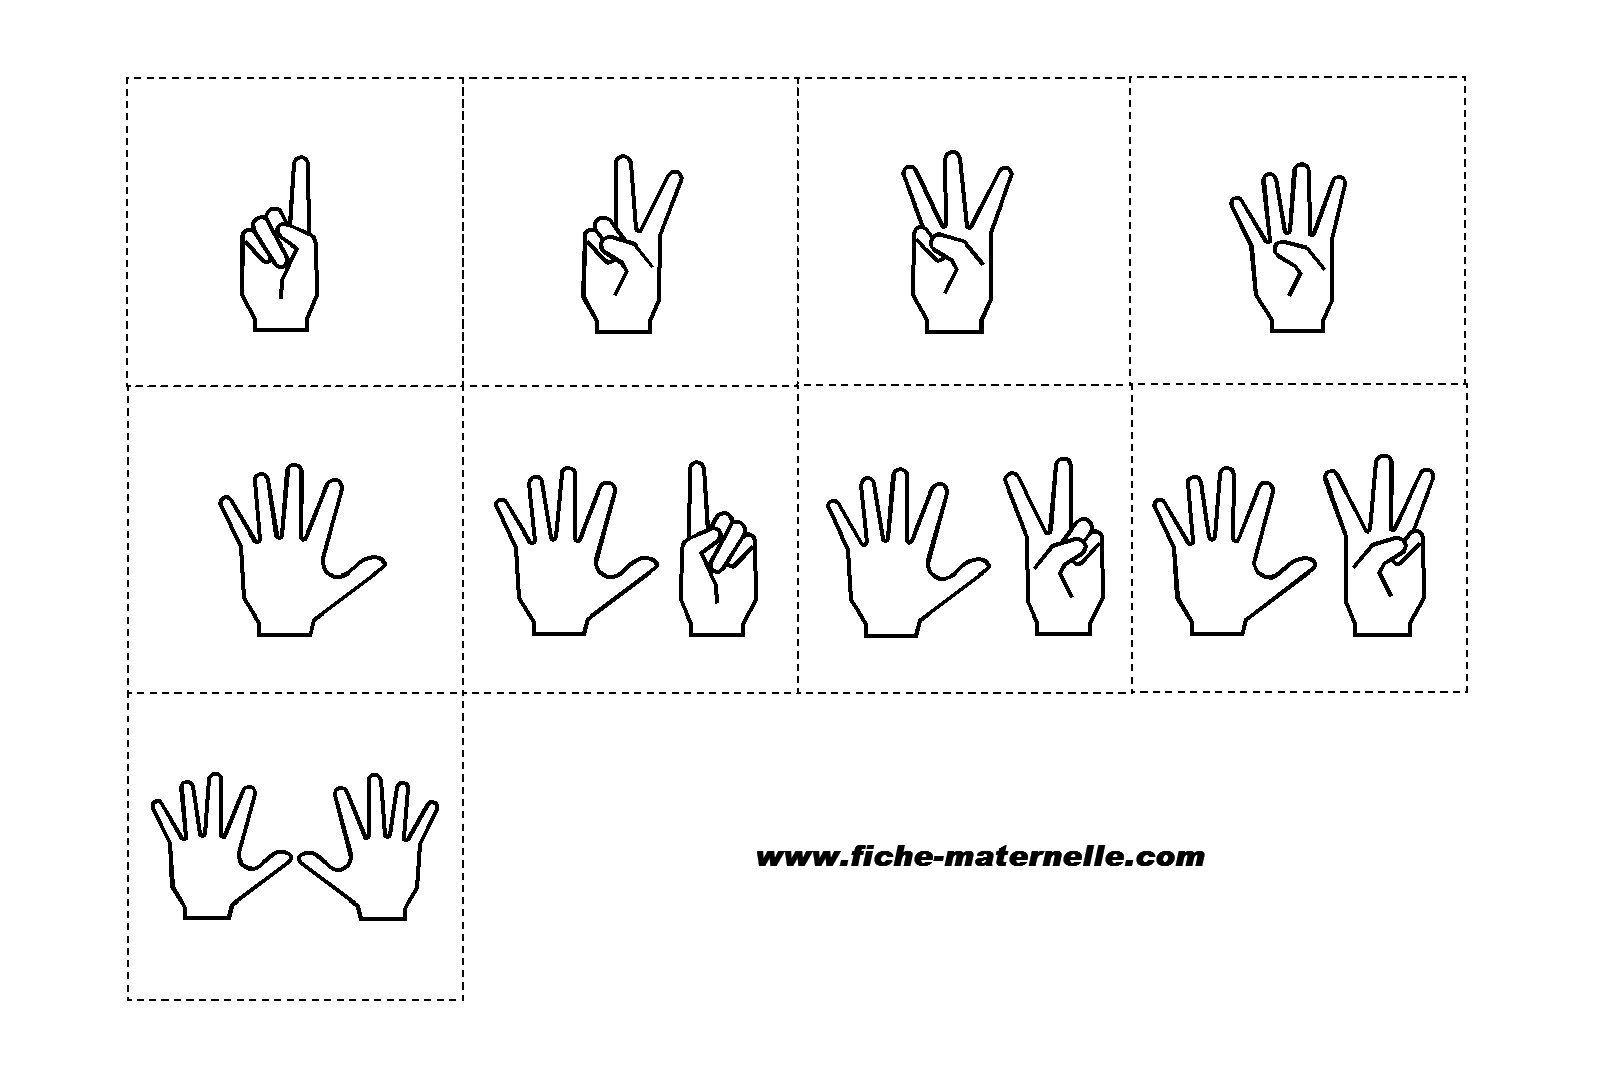 Compter Sur Les Doigts Représentation | Étiquette Maternelle dedans Apprendre A Compter Maternelle